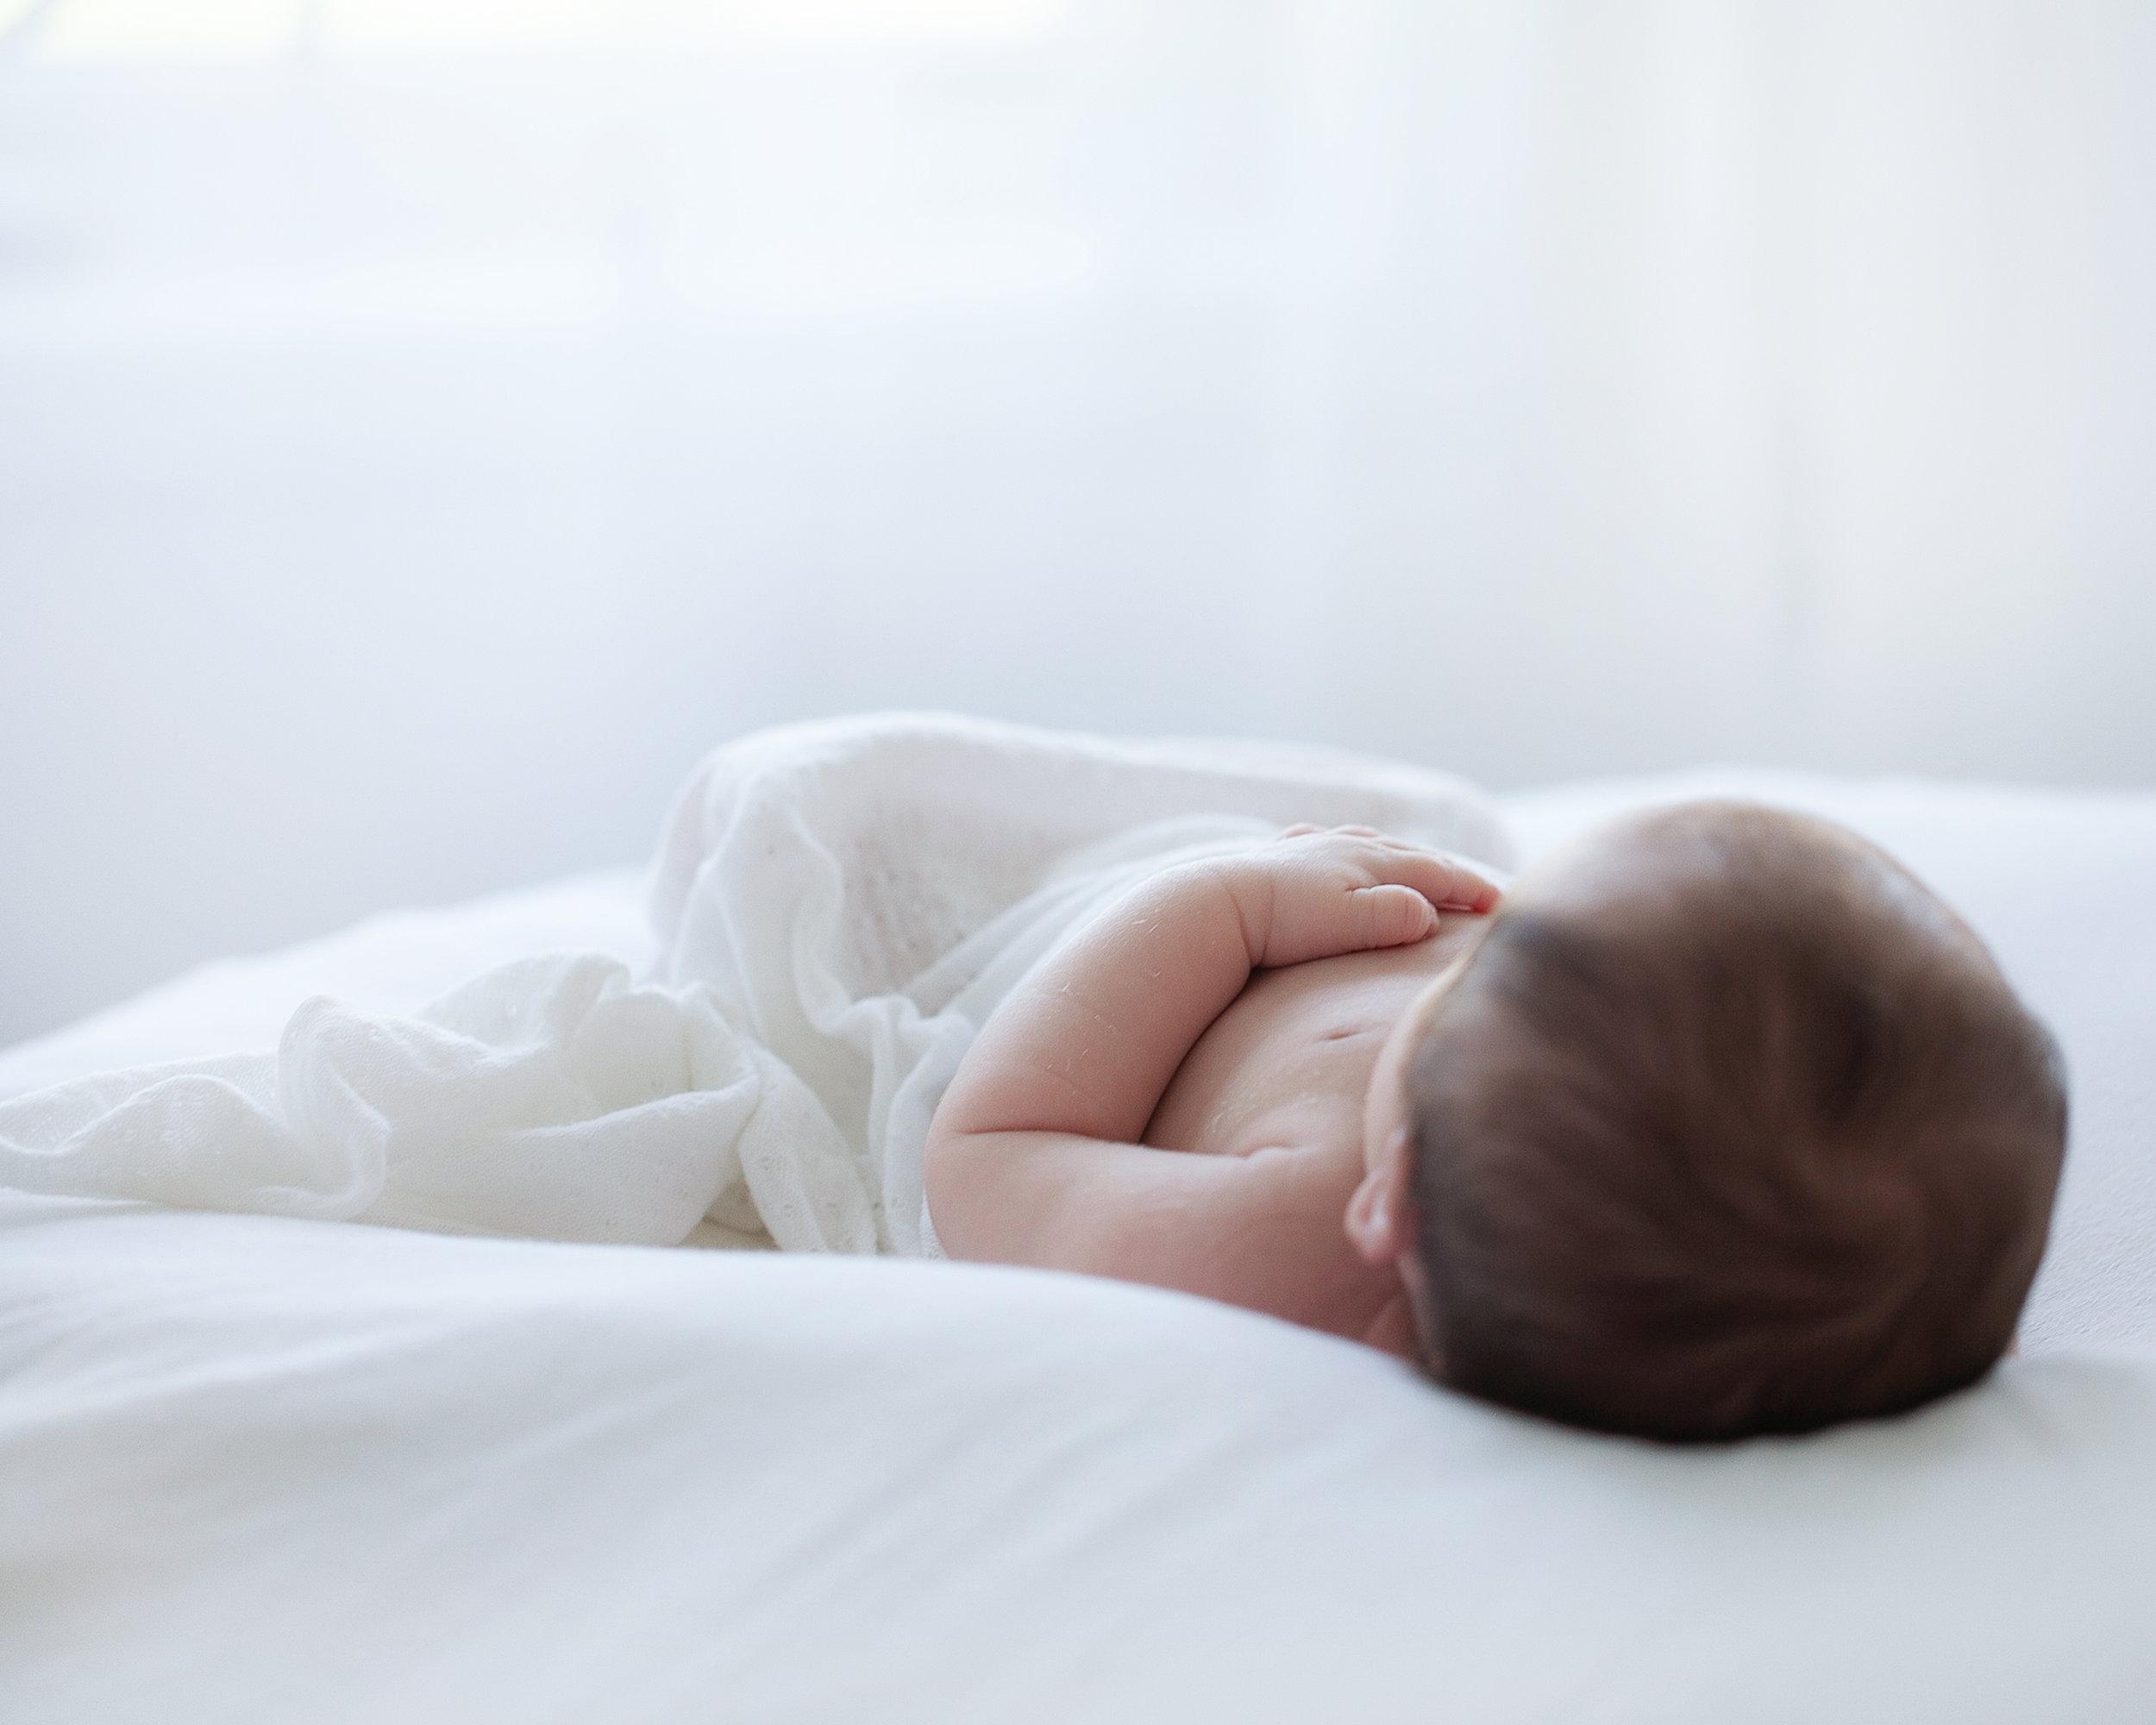 Oshawa_Whitby_Durham Region_Baby_Photography_Studio_Petra_King_Photorgaphy